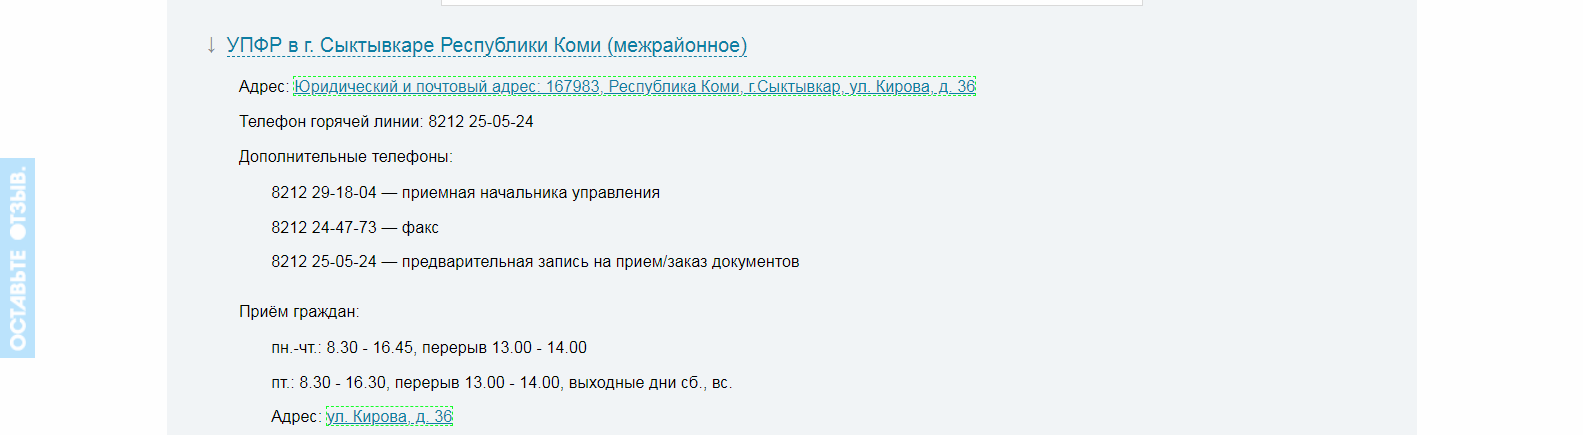 Пенсионный фонд Сыктывкар